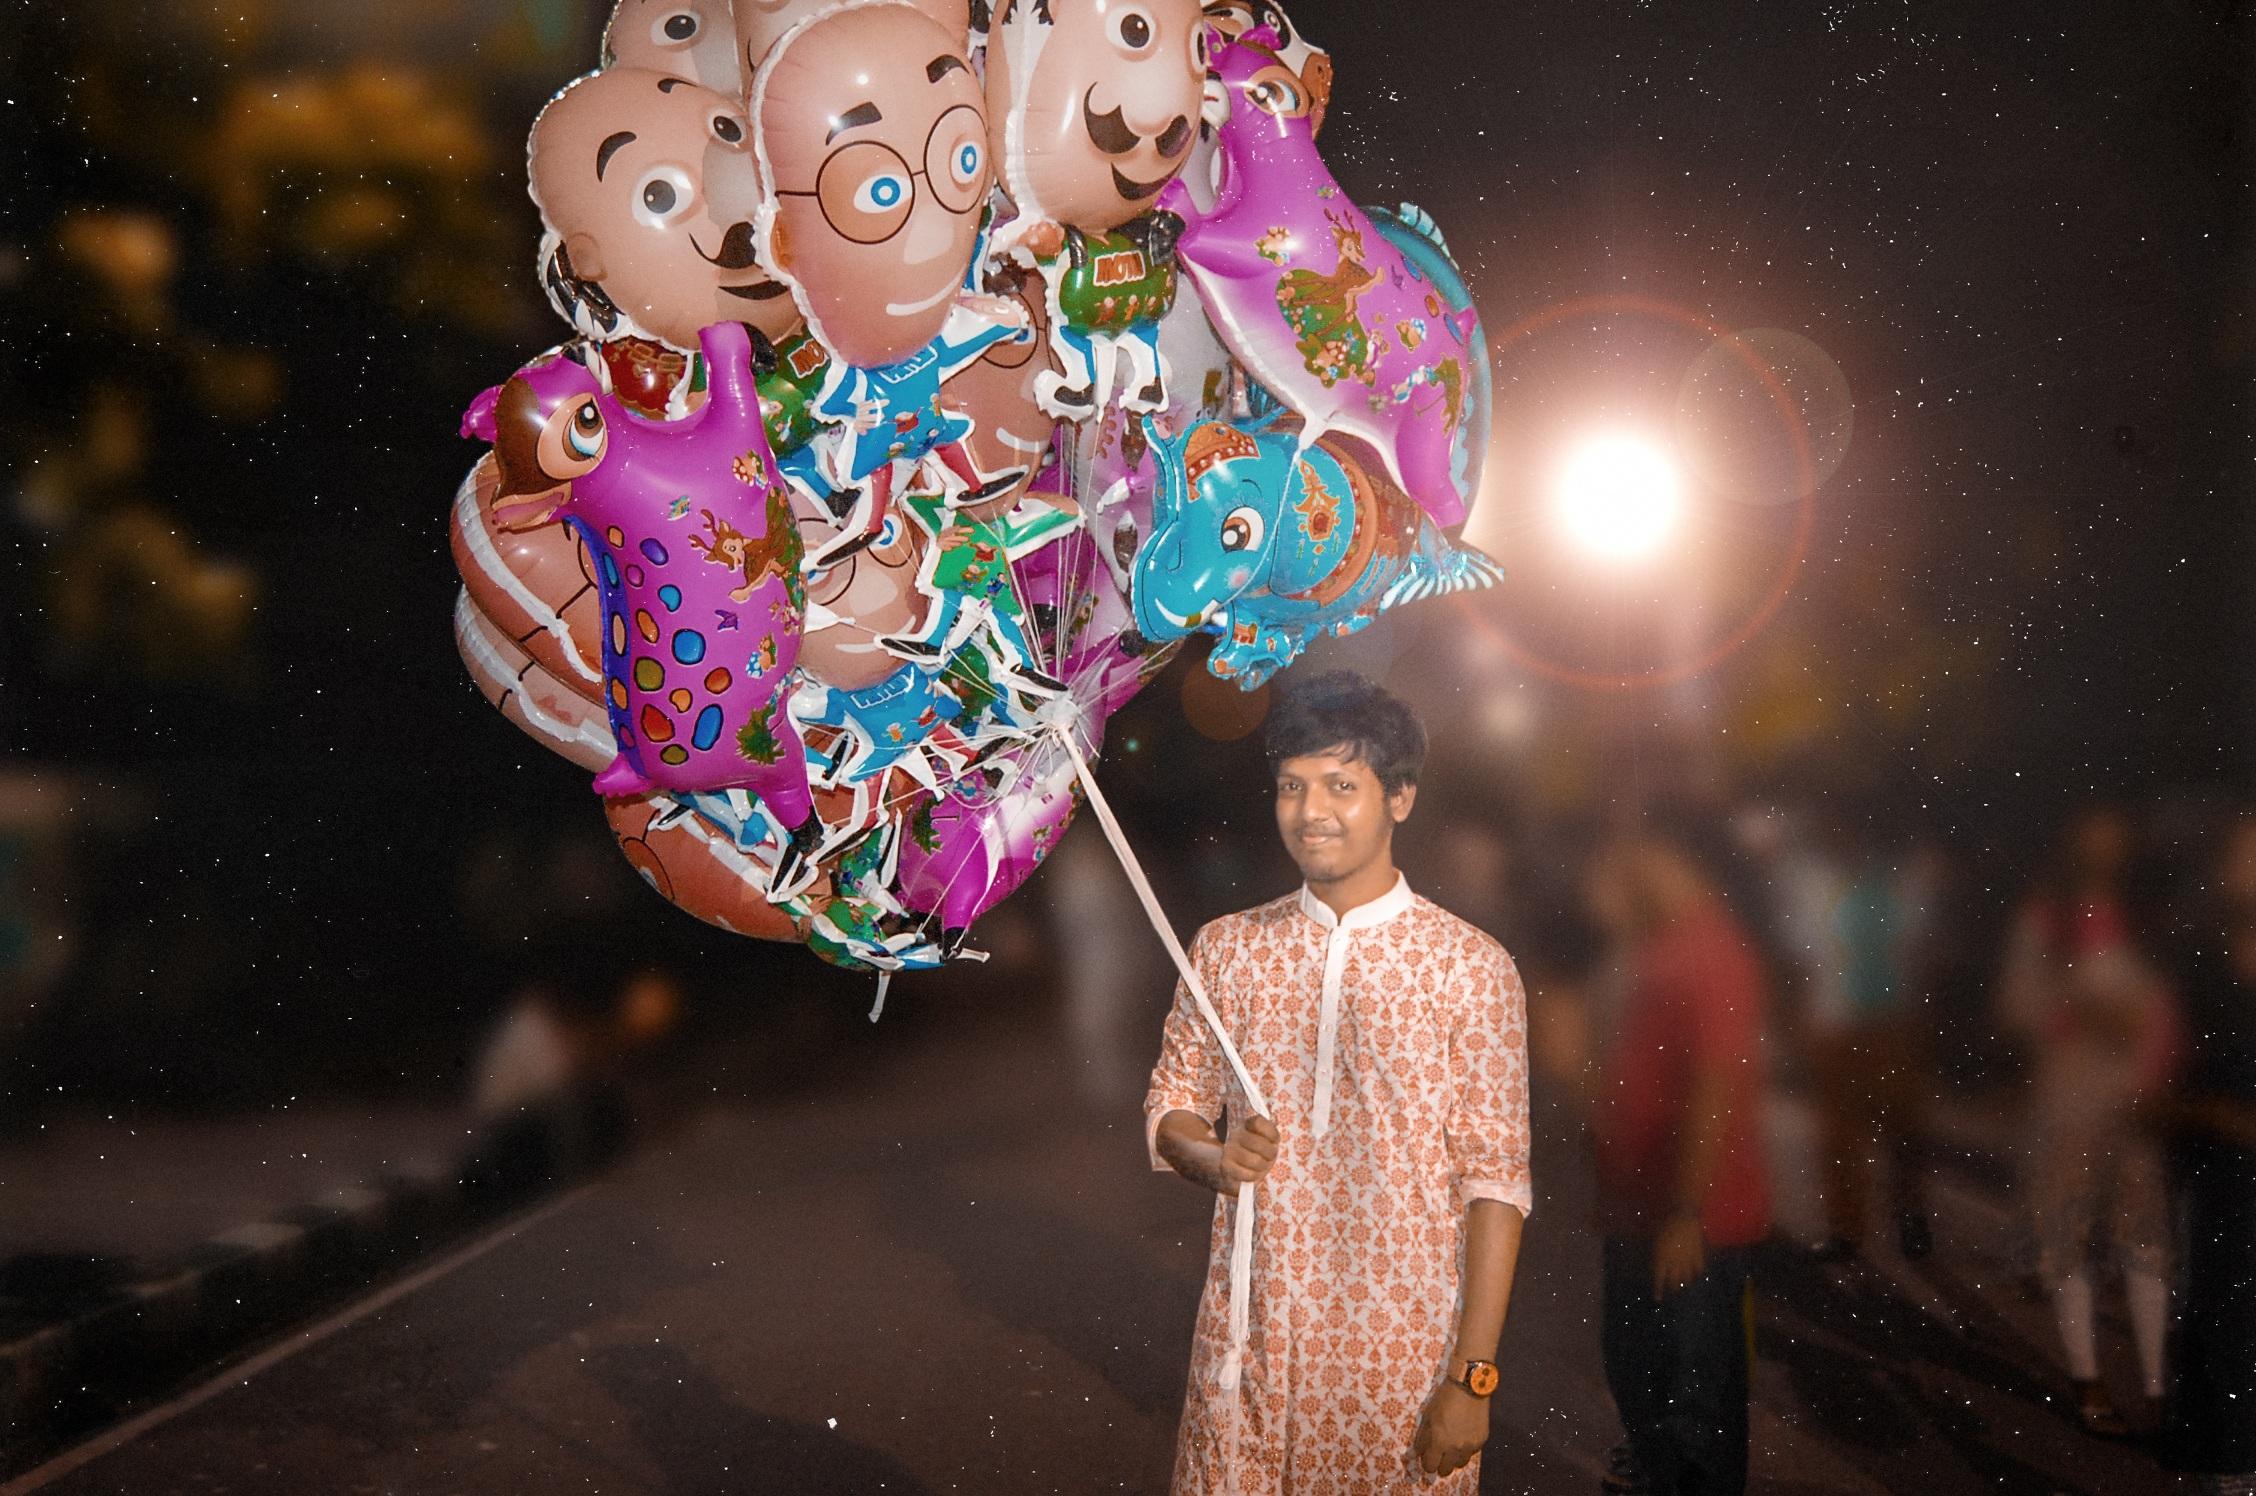 Gambar Fotografi Balon Perjalanan Malam Karnaval Warna Mode Teman Festival